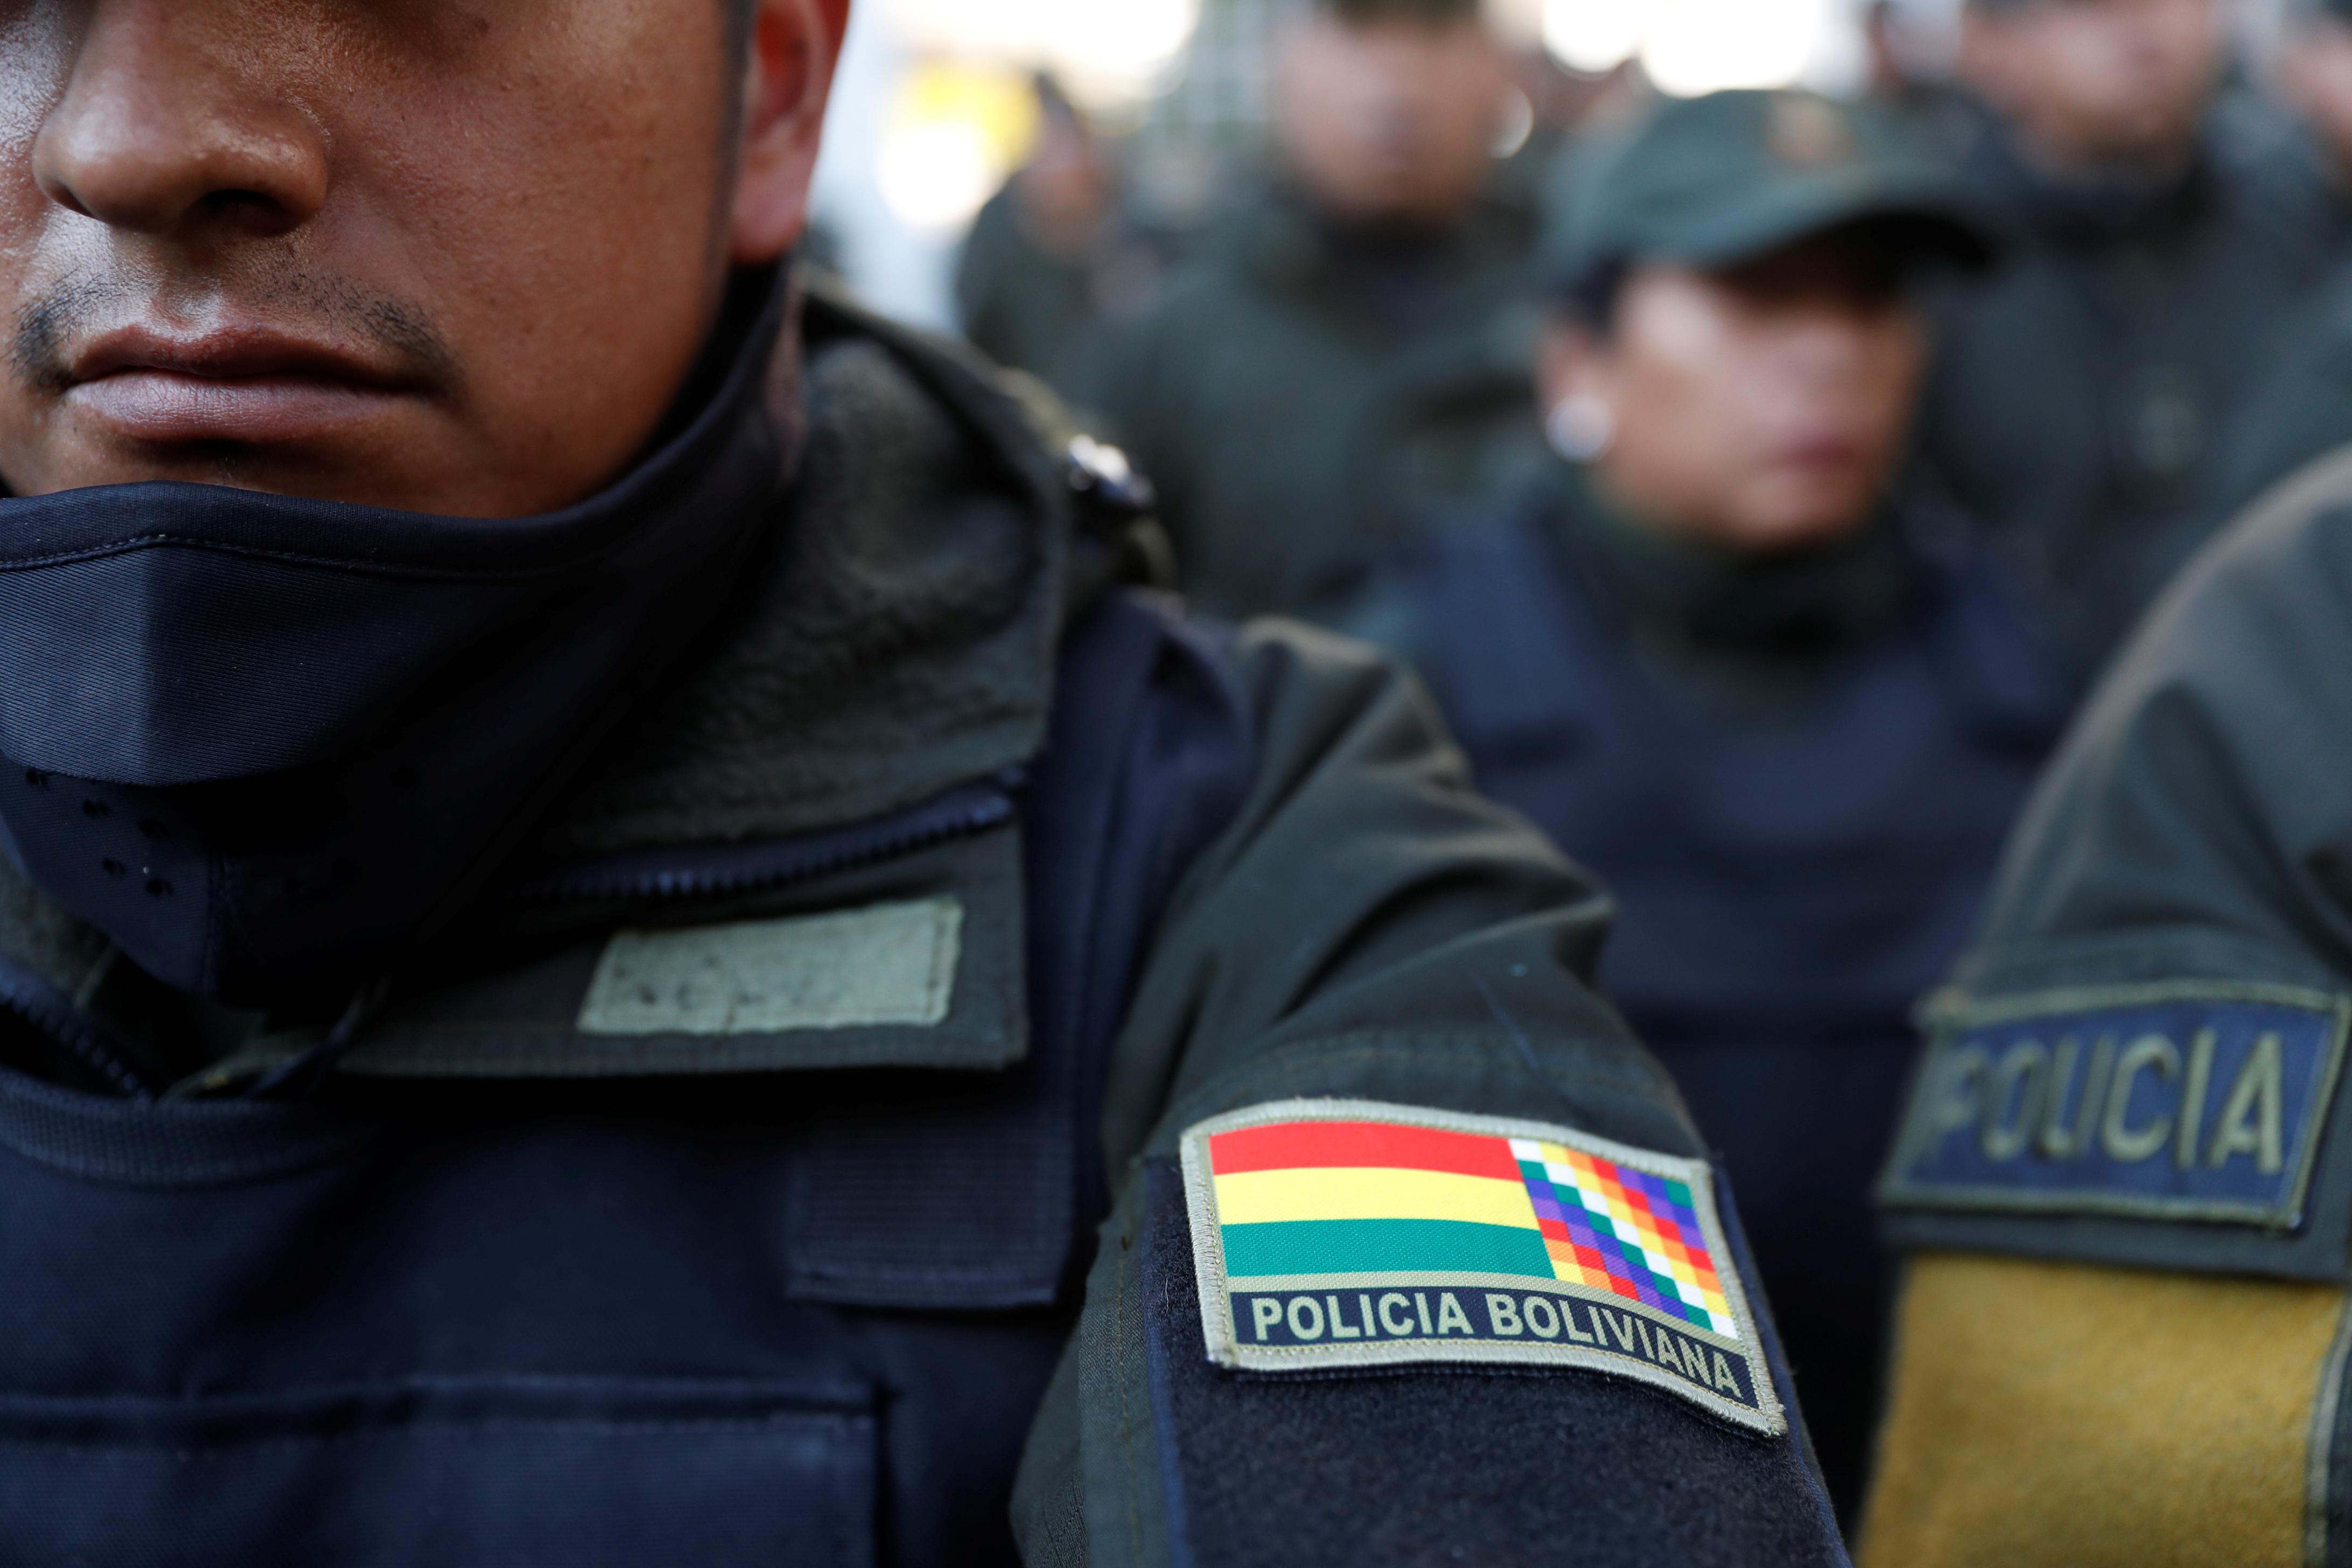 Bolivija policija